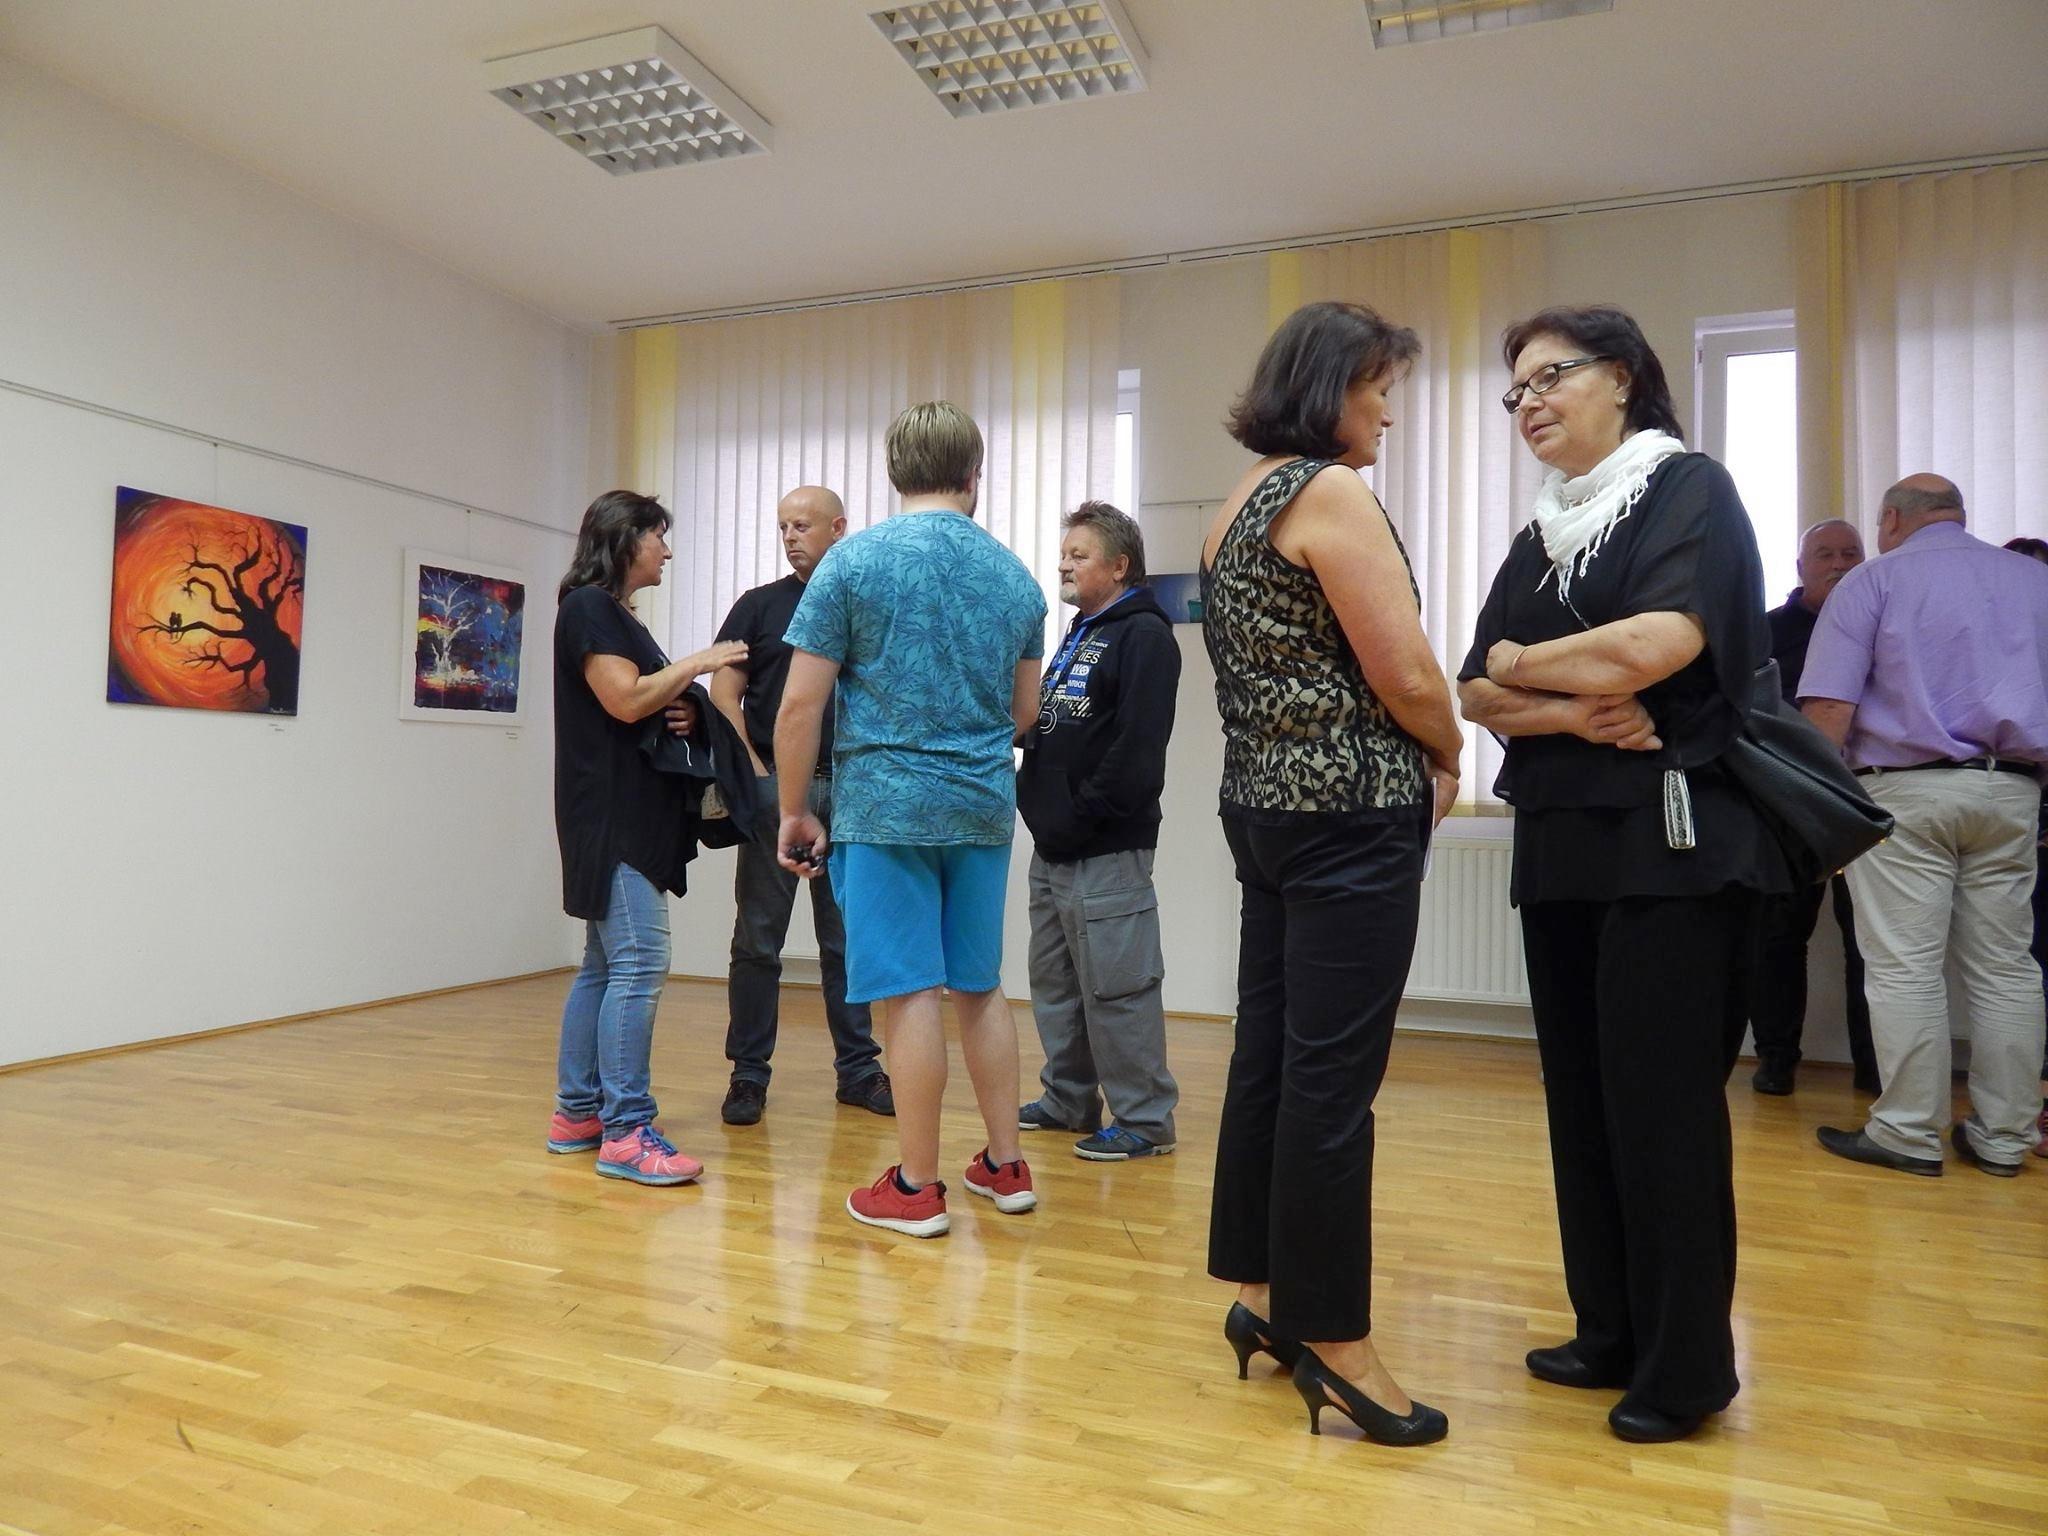 lk7 - Otvoritev razstave 5. mednarodne likovne kolonije v organizaciji Slovenskega kulturnega društva Gorski kotar